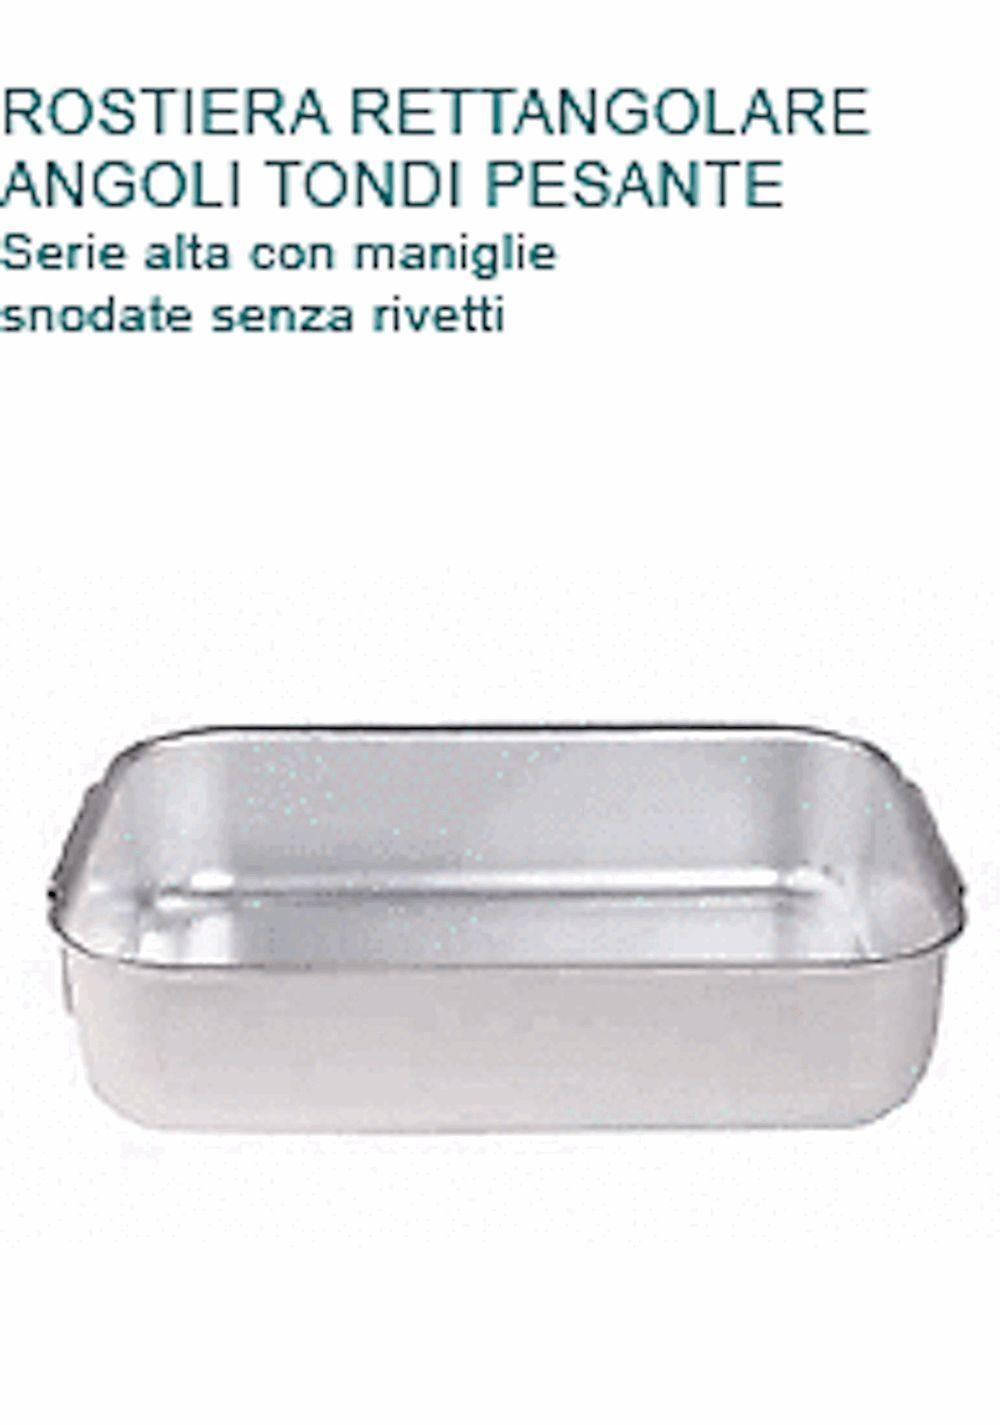 ROSTIERA Alluminio cm45X30X8,5H 1 2 PESO 2MANIGLIE Professionale Pentole Agnelli